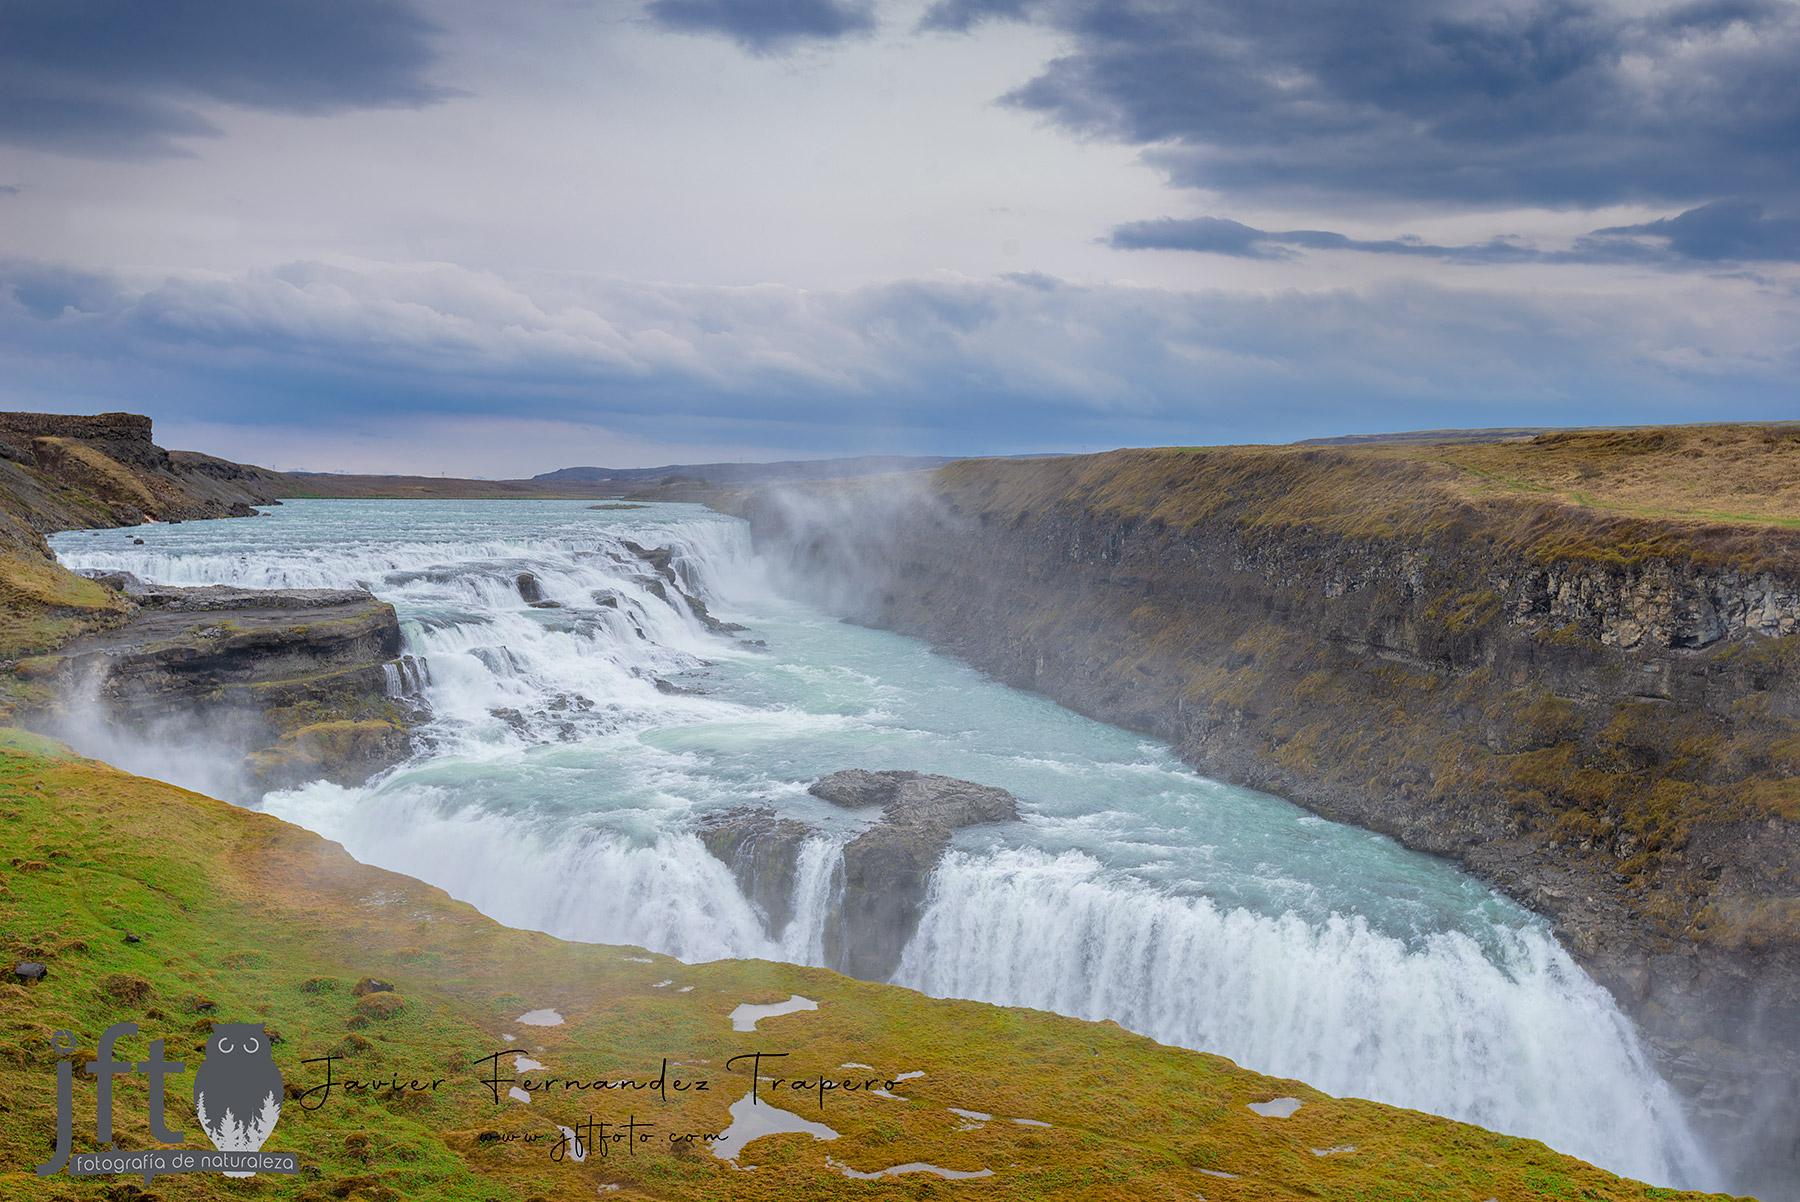 ISLANDIA - GALERIA DE PAISAJES. Viaje a Islandia. ICELAND